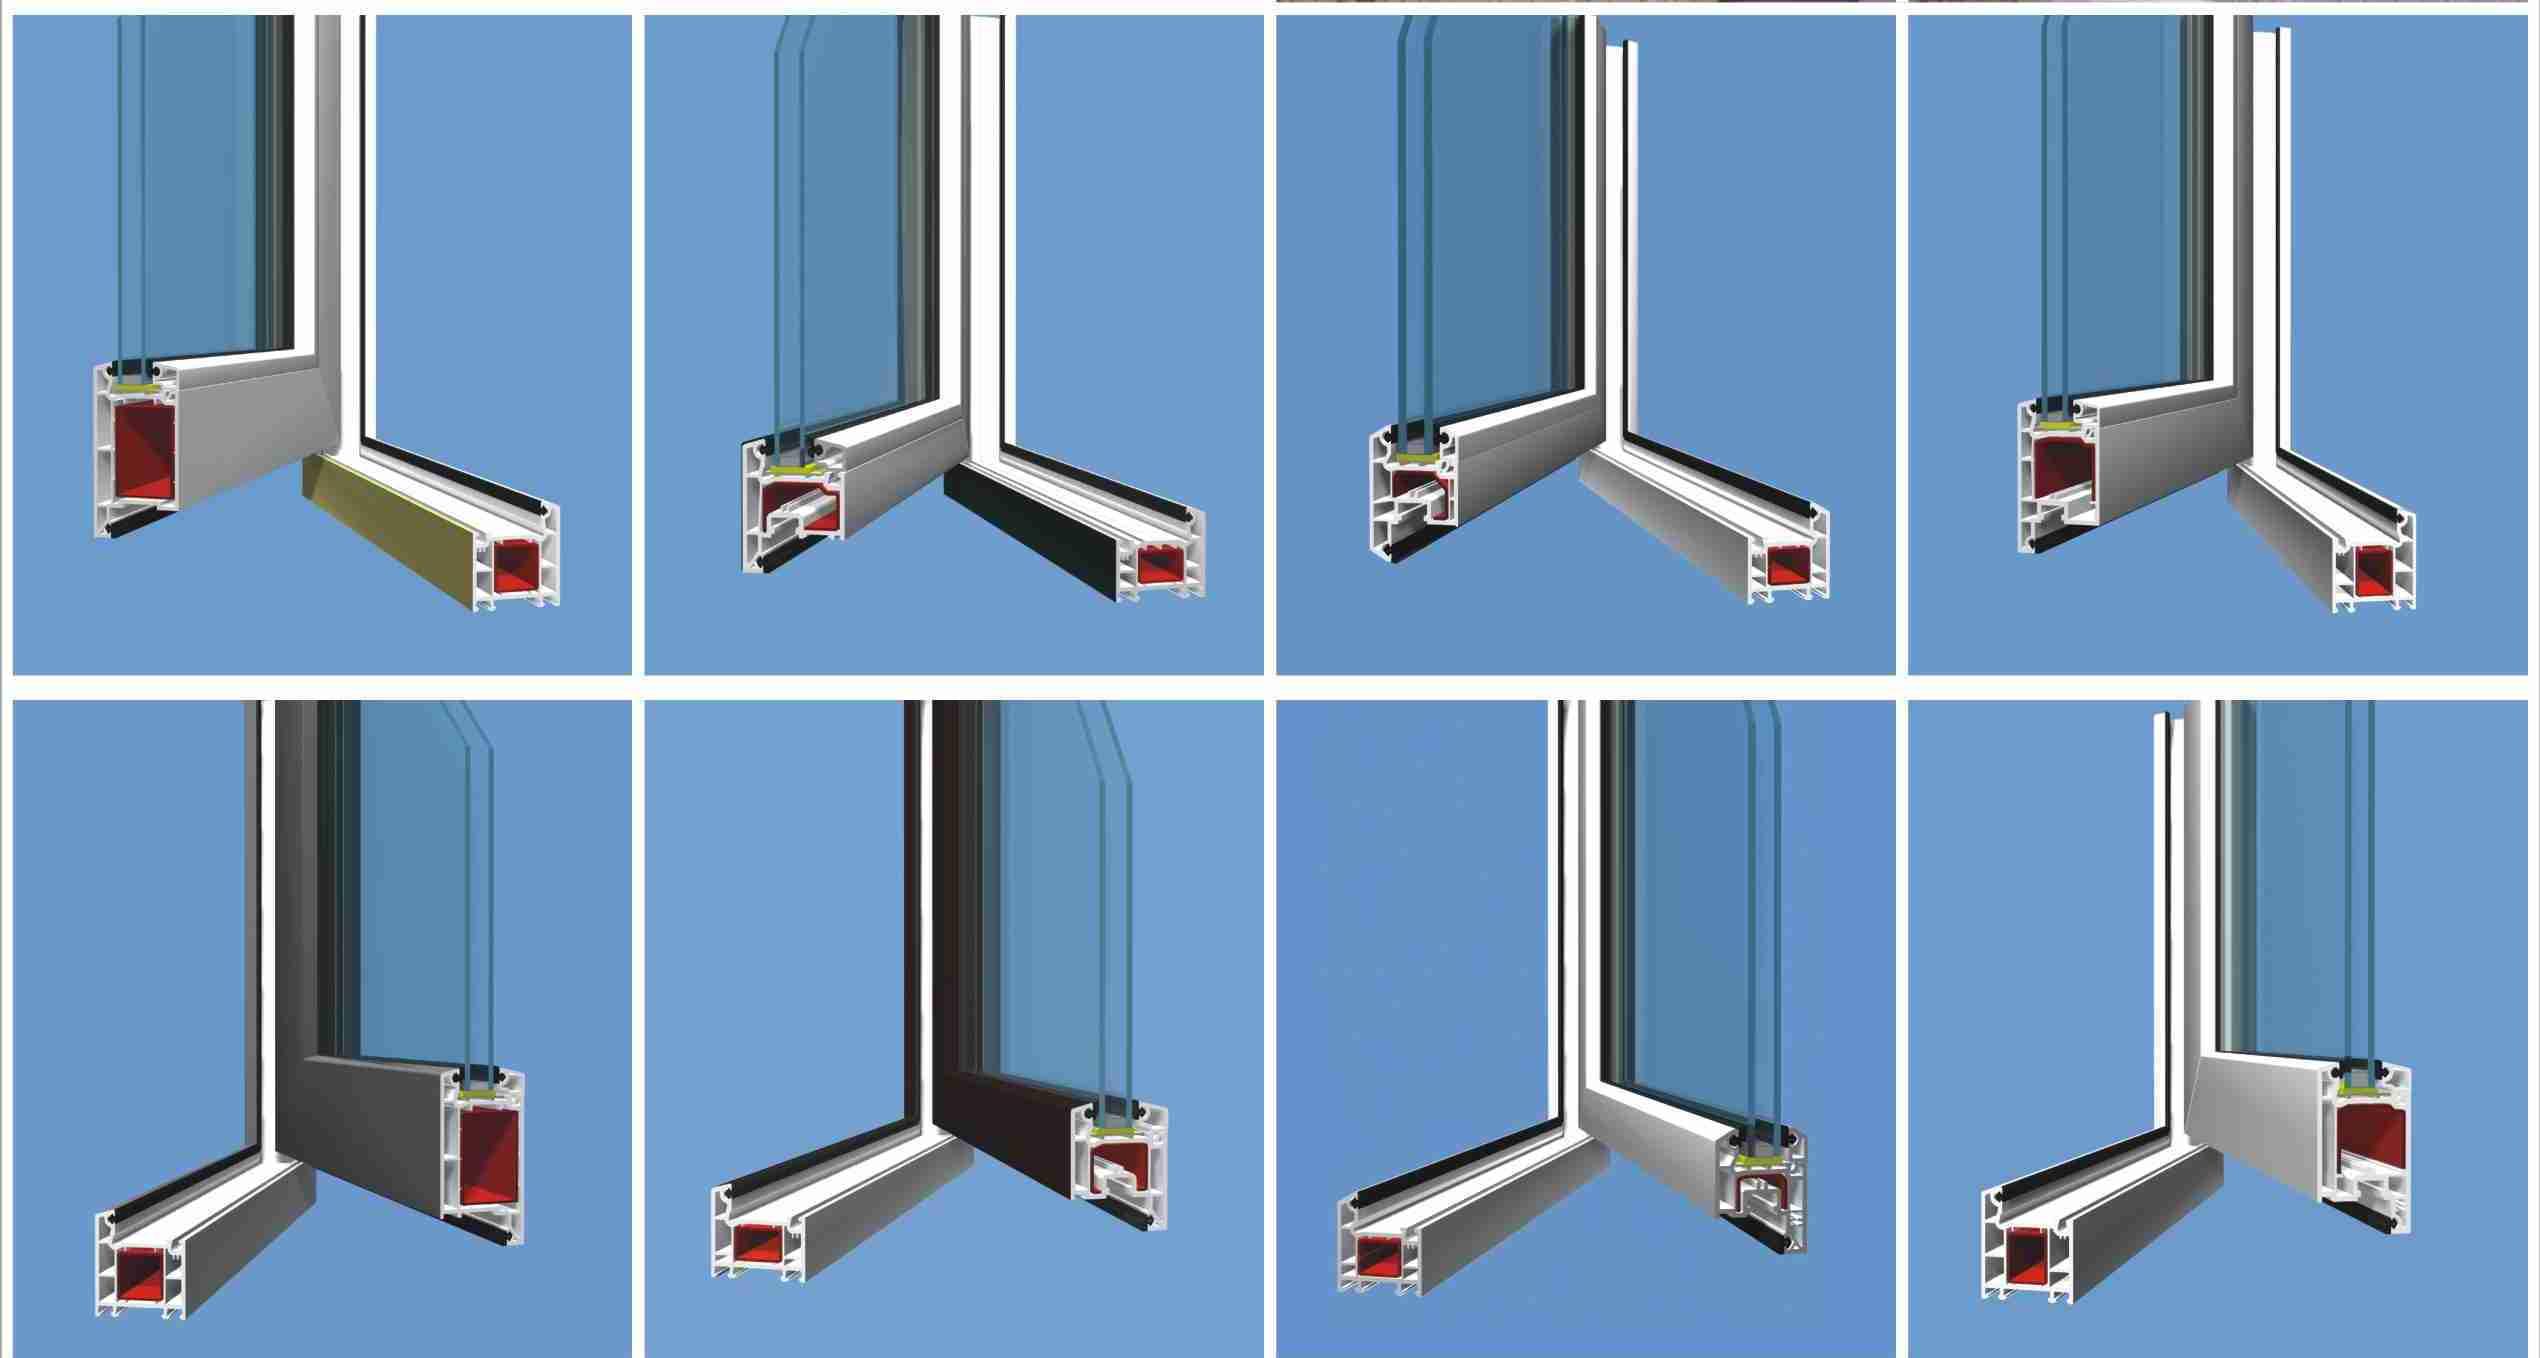 Hưỡng dẫn bạn cách lắp đặt cửa nhựa lõi thép2Hưỡng dẫn bạn cách lắp đặt cửa nhựa lõi thép